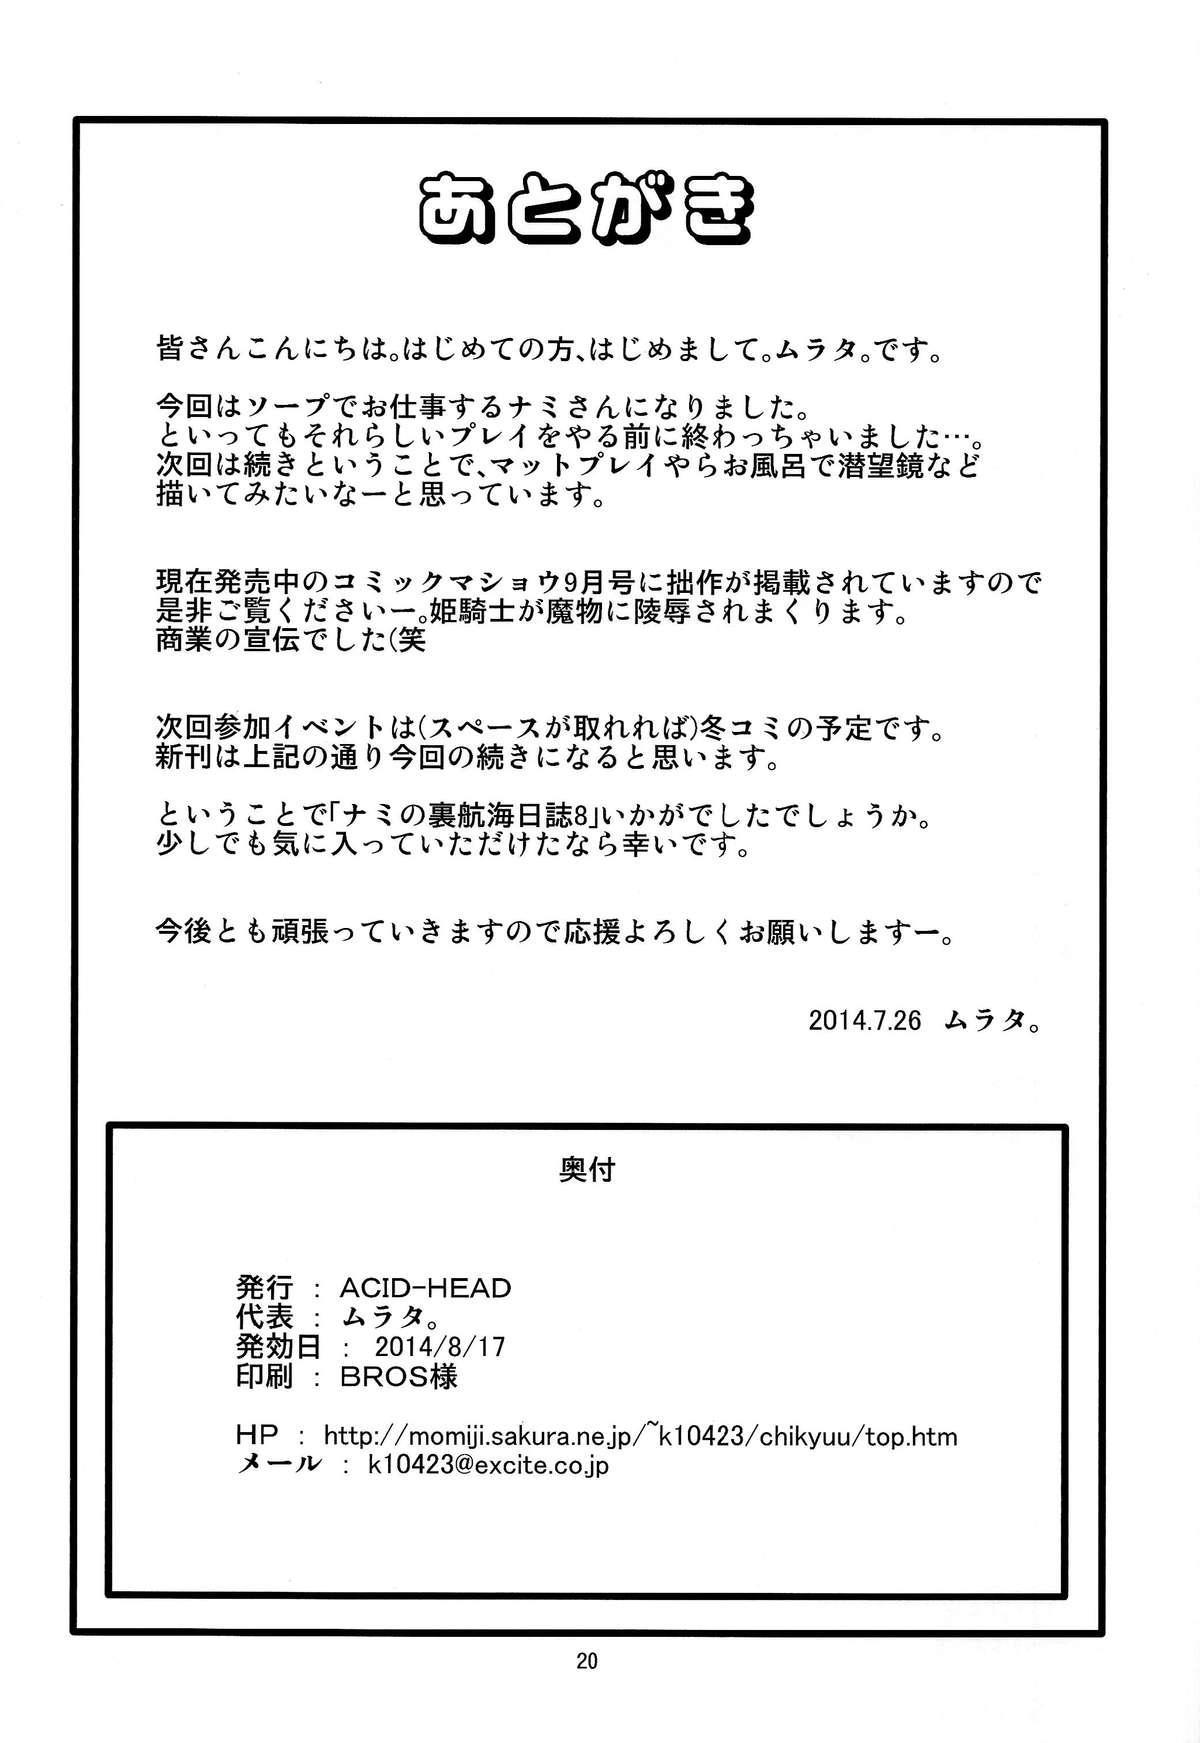 Nami no Ura Koukai Nisshi 8 | Nami's Backlog 8 20